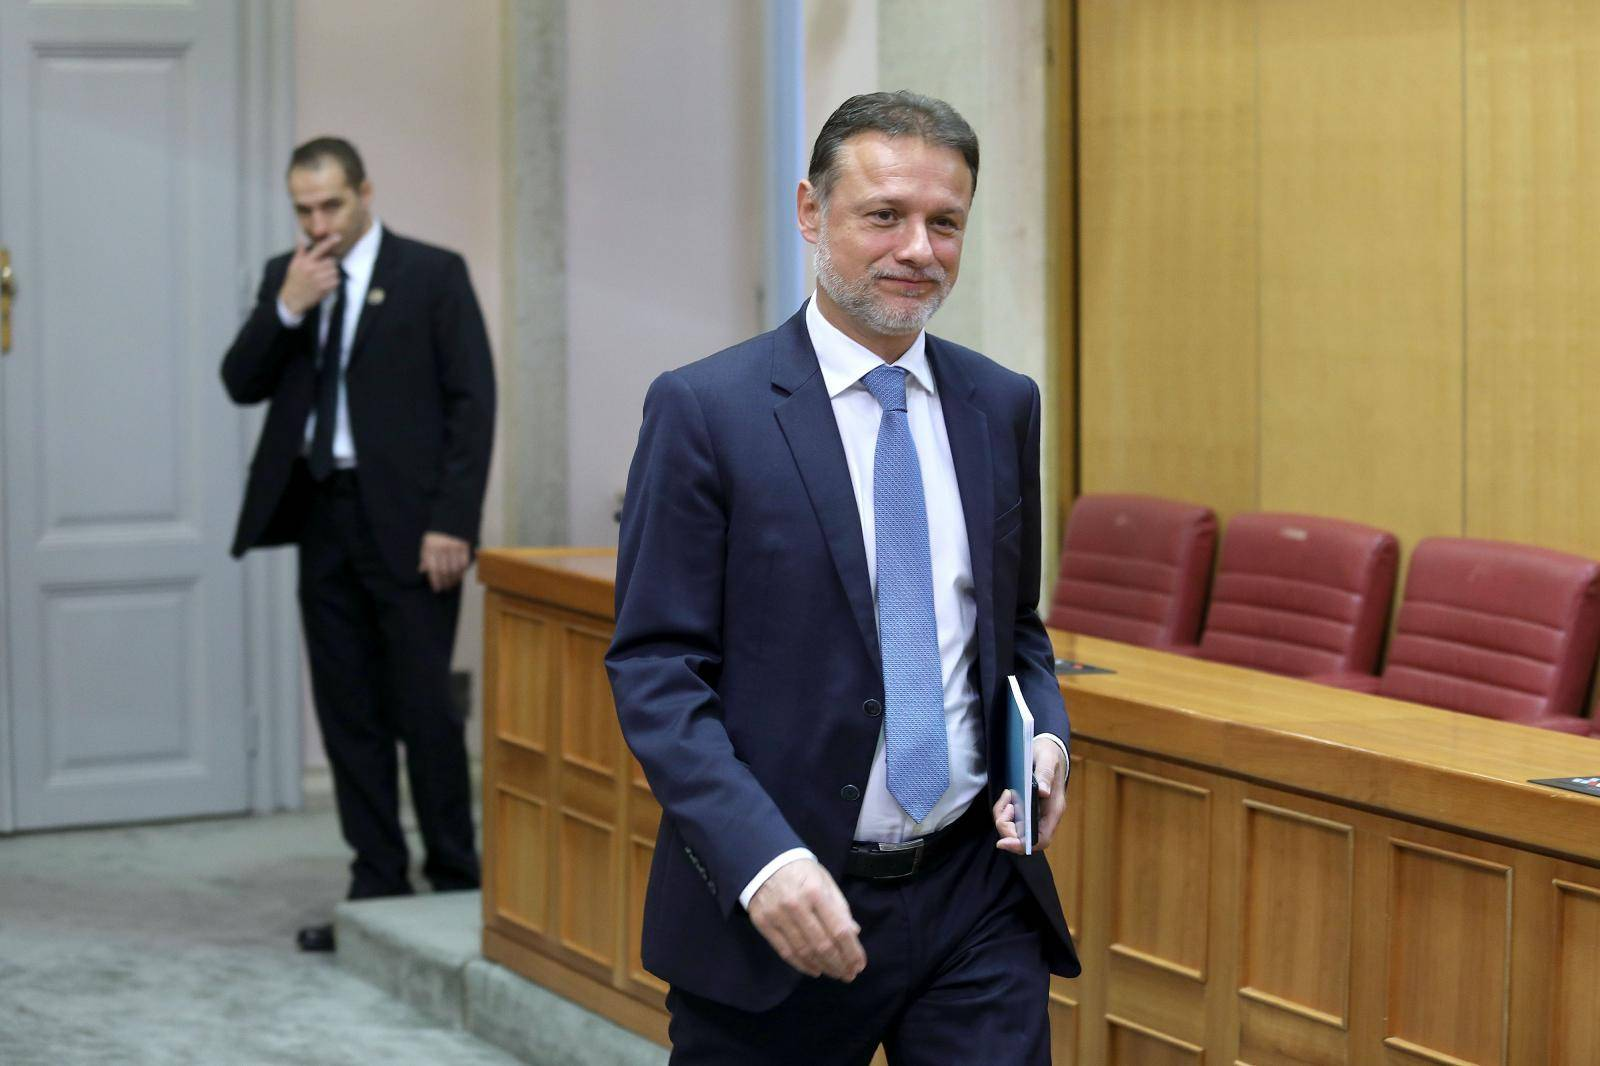 Zagreb: 15. Sjednica Sabora,  Rasprava o prijedlogu zakona o proglašenju Vukovara mjestom posebnog domovinskog pijeteta